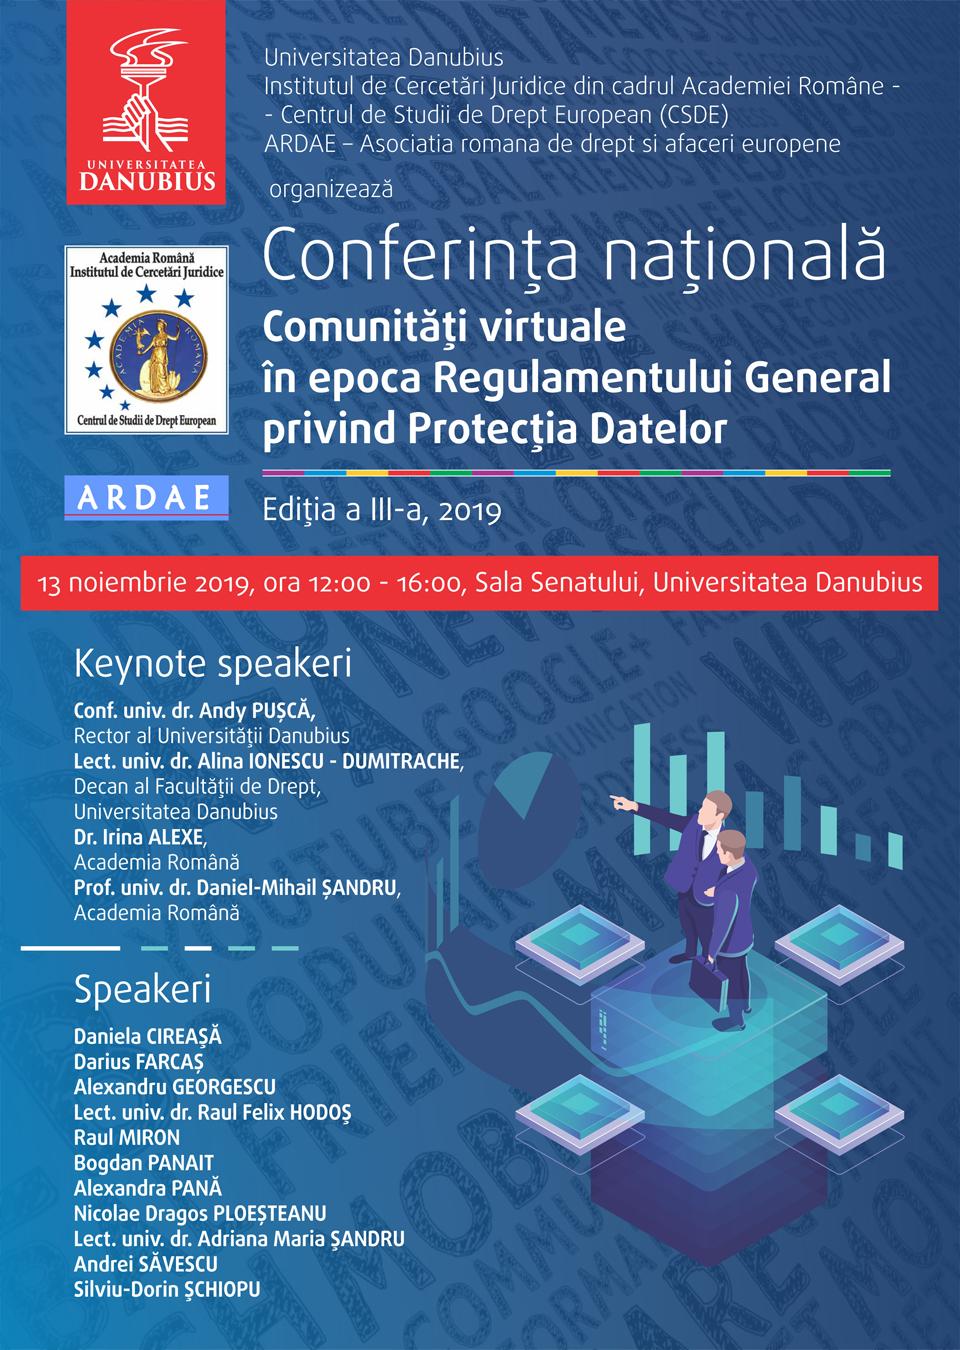 """Conferința Națională """"Comunități virtuale în epoca Regulamentului General privind Protecția Datelor"""", la Universitatea Danubius"""